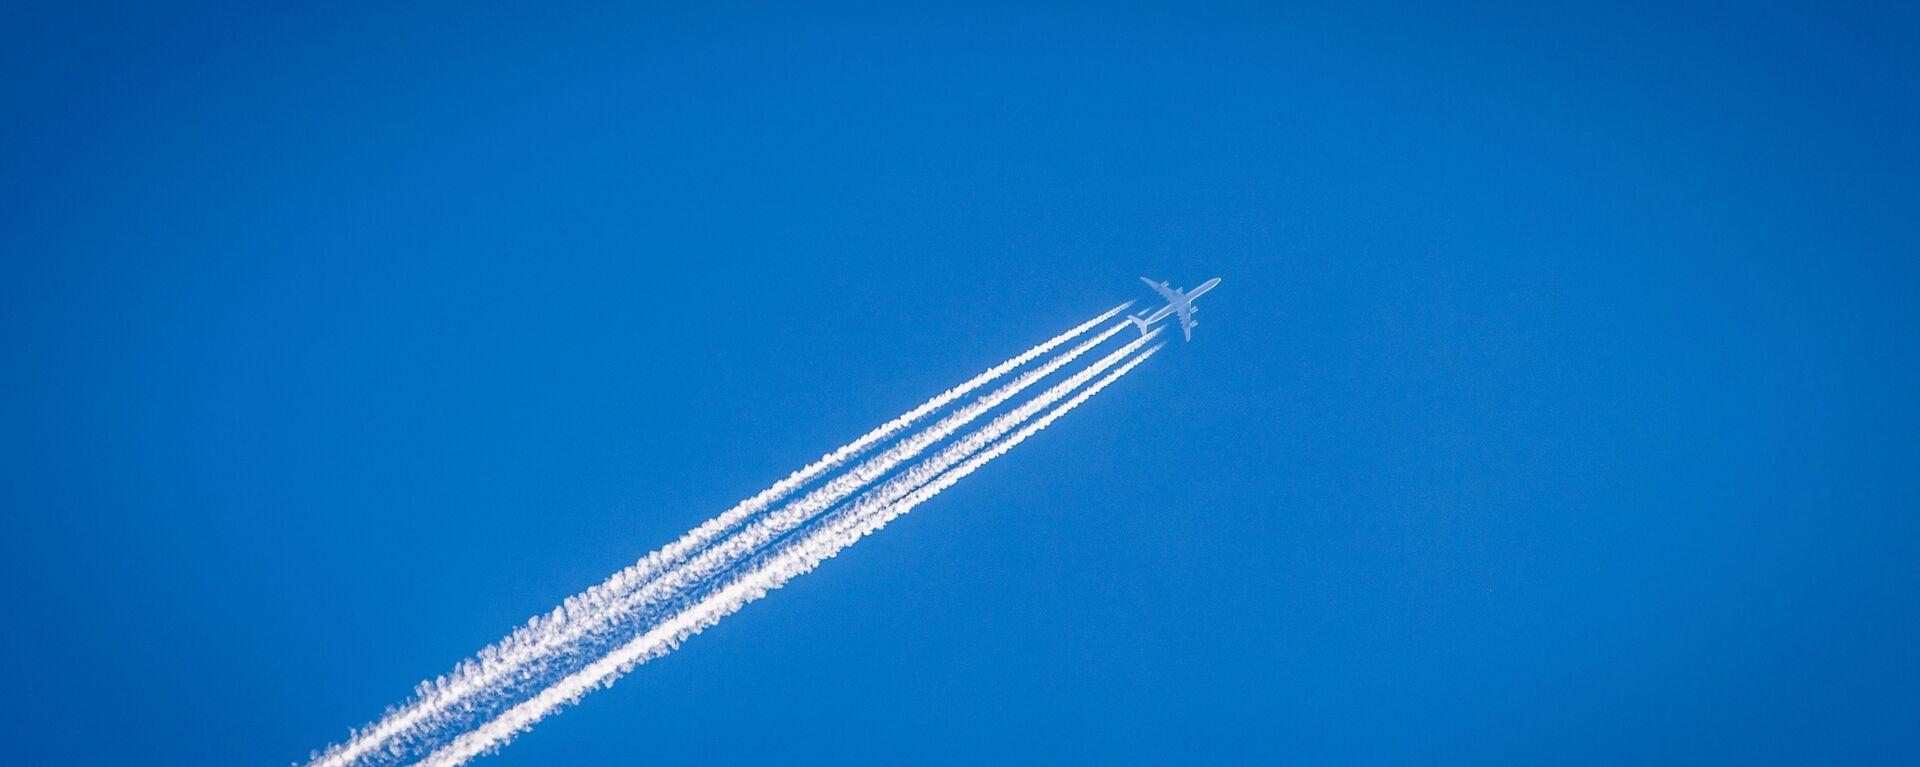 Un avión (imagen referencial) - Sputnik Mundo, 1920, 07.04.2021